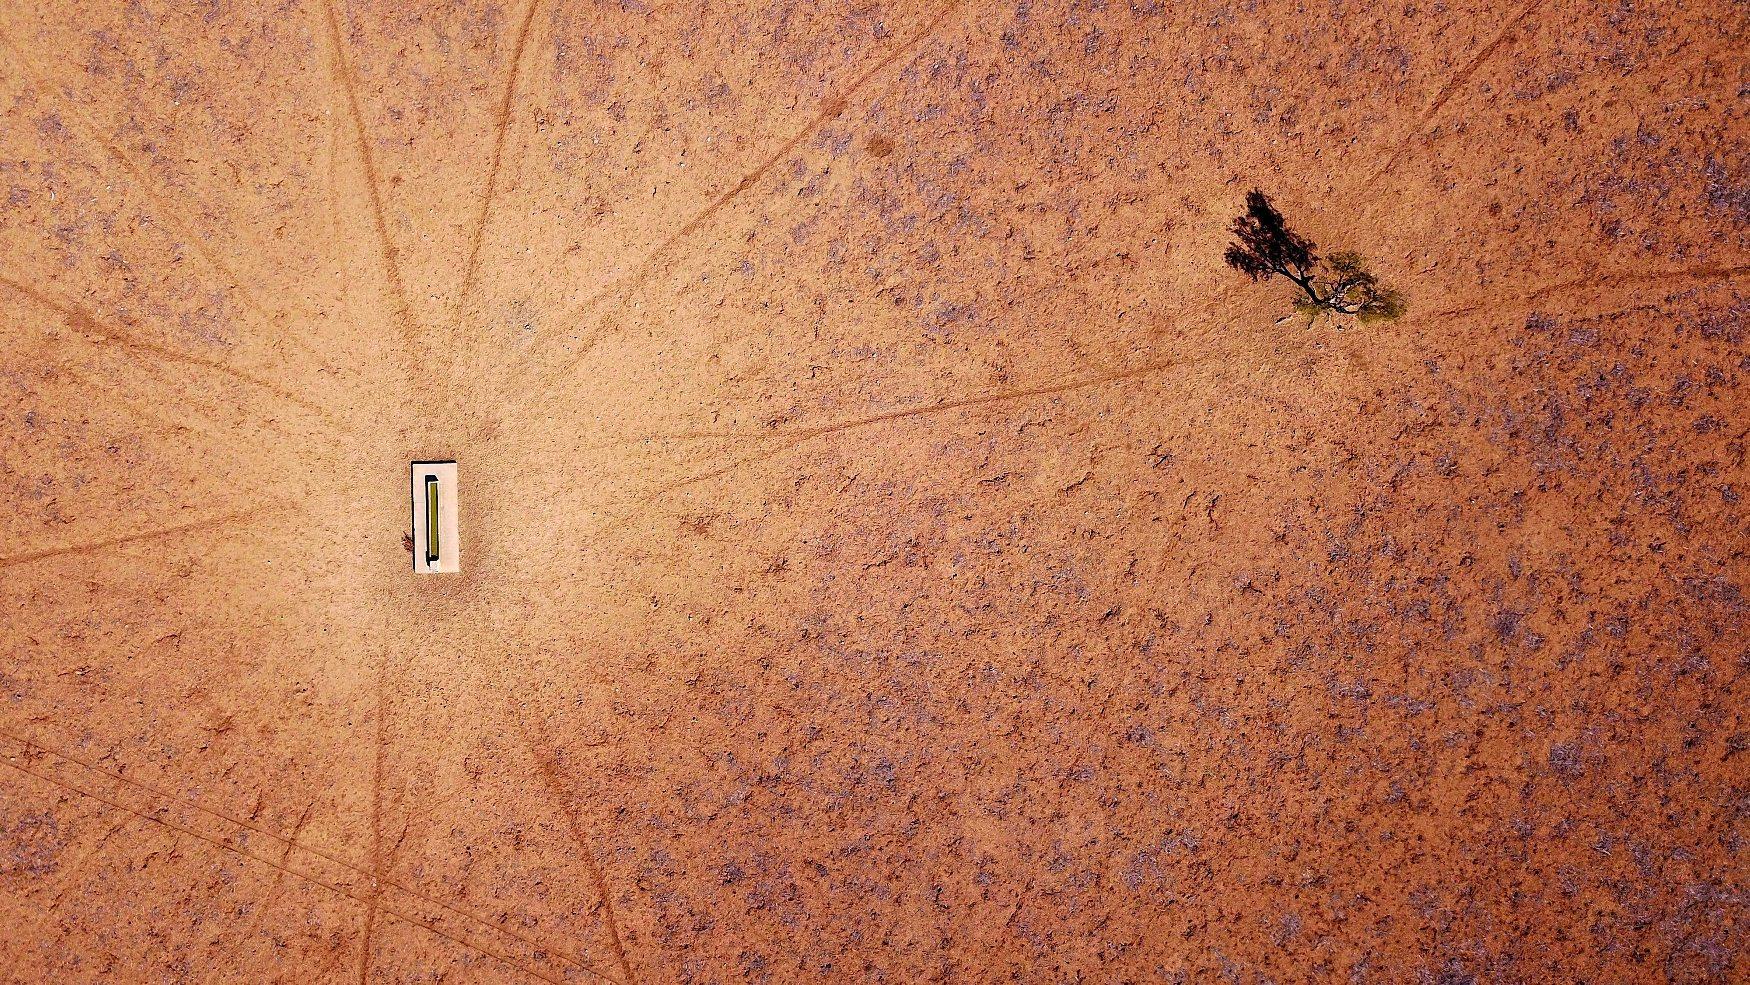 Usamljeno drvo još uvijek se drži na presušenom polju u Walgettu, New South Wales